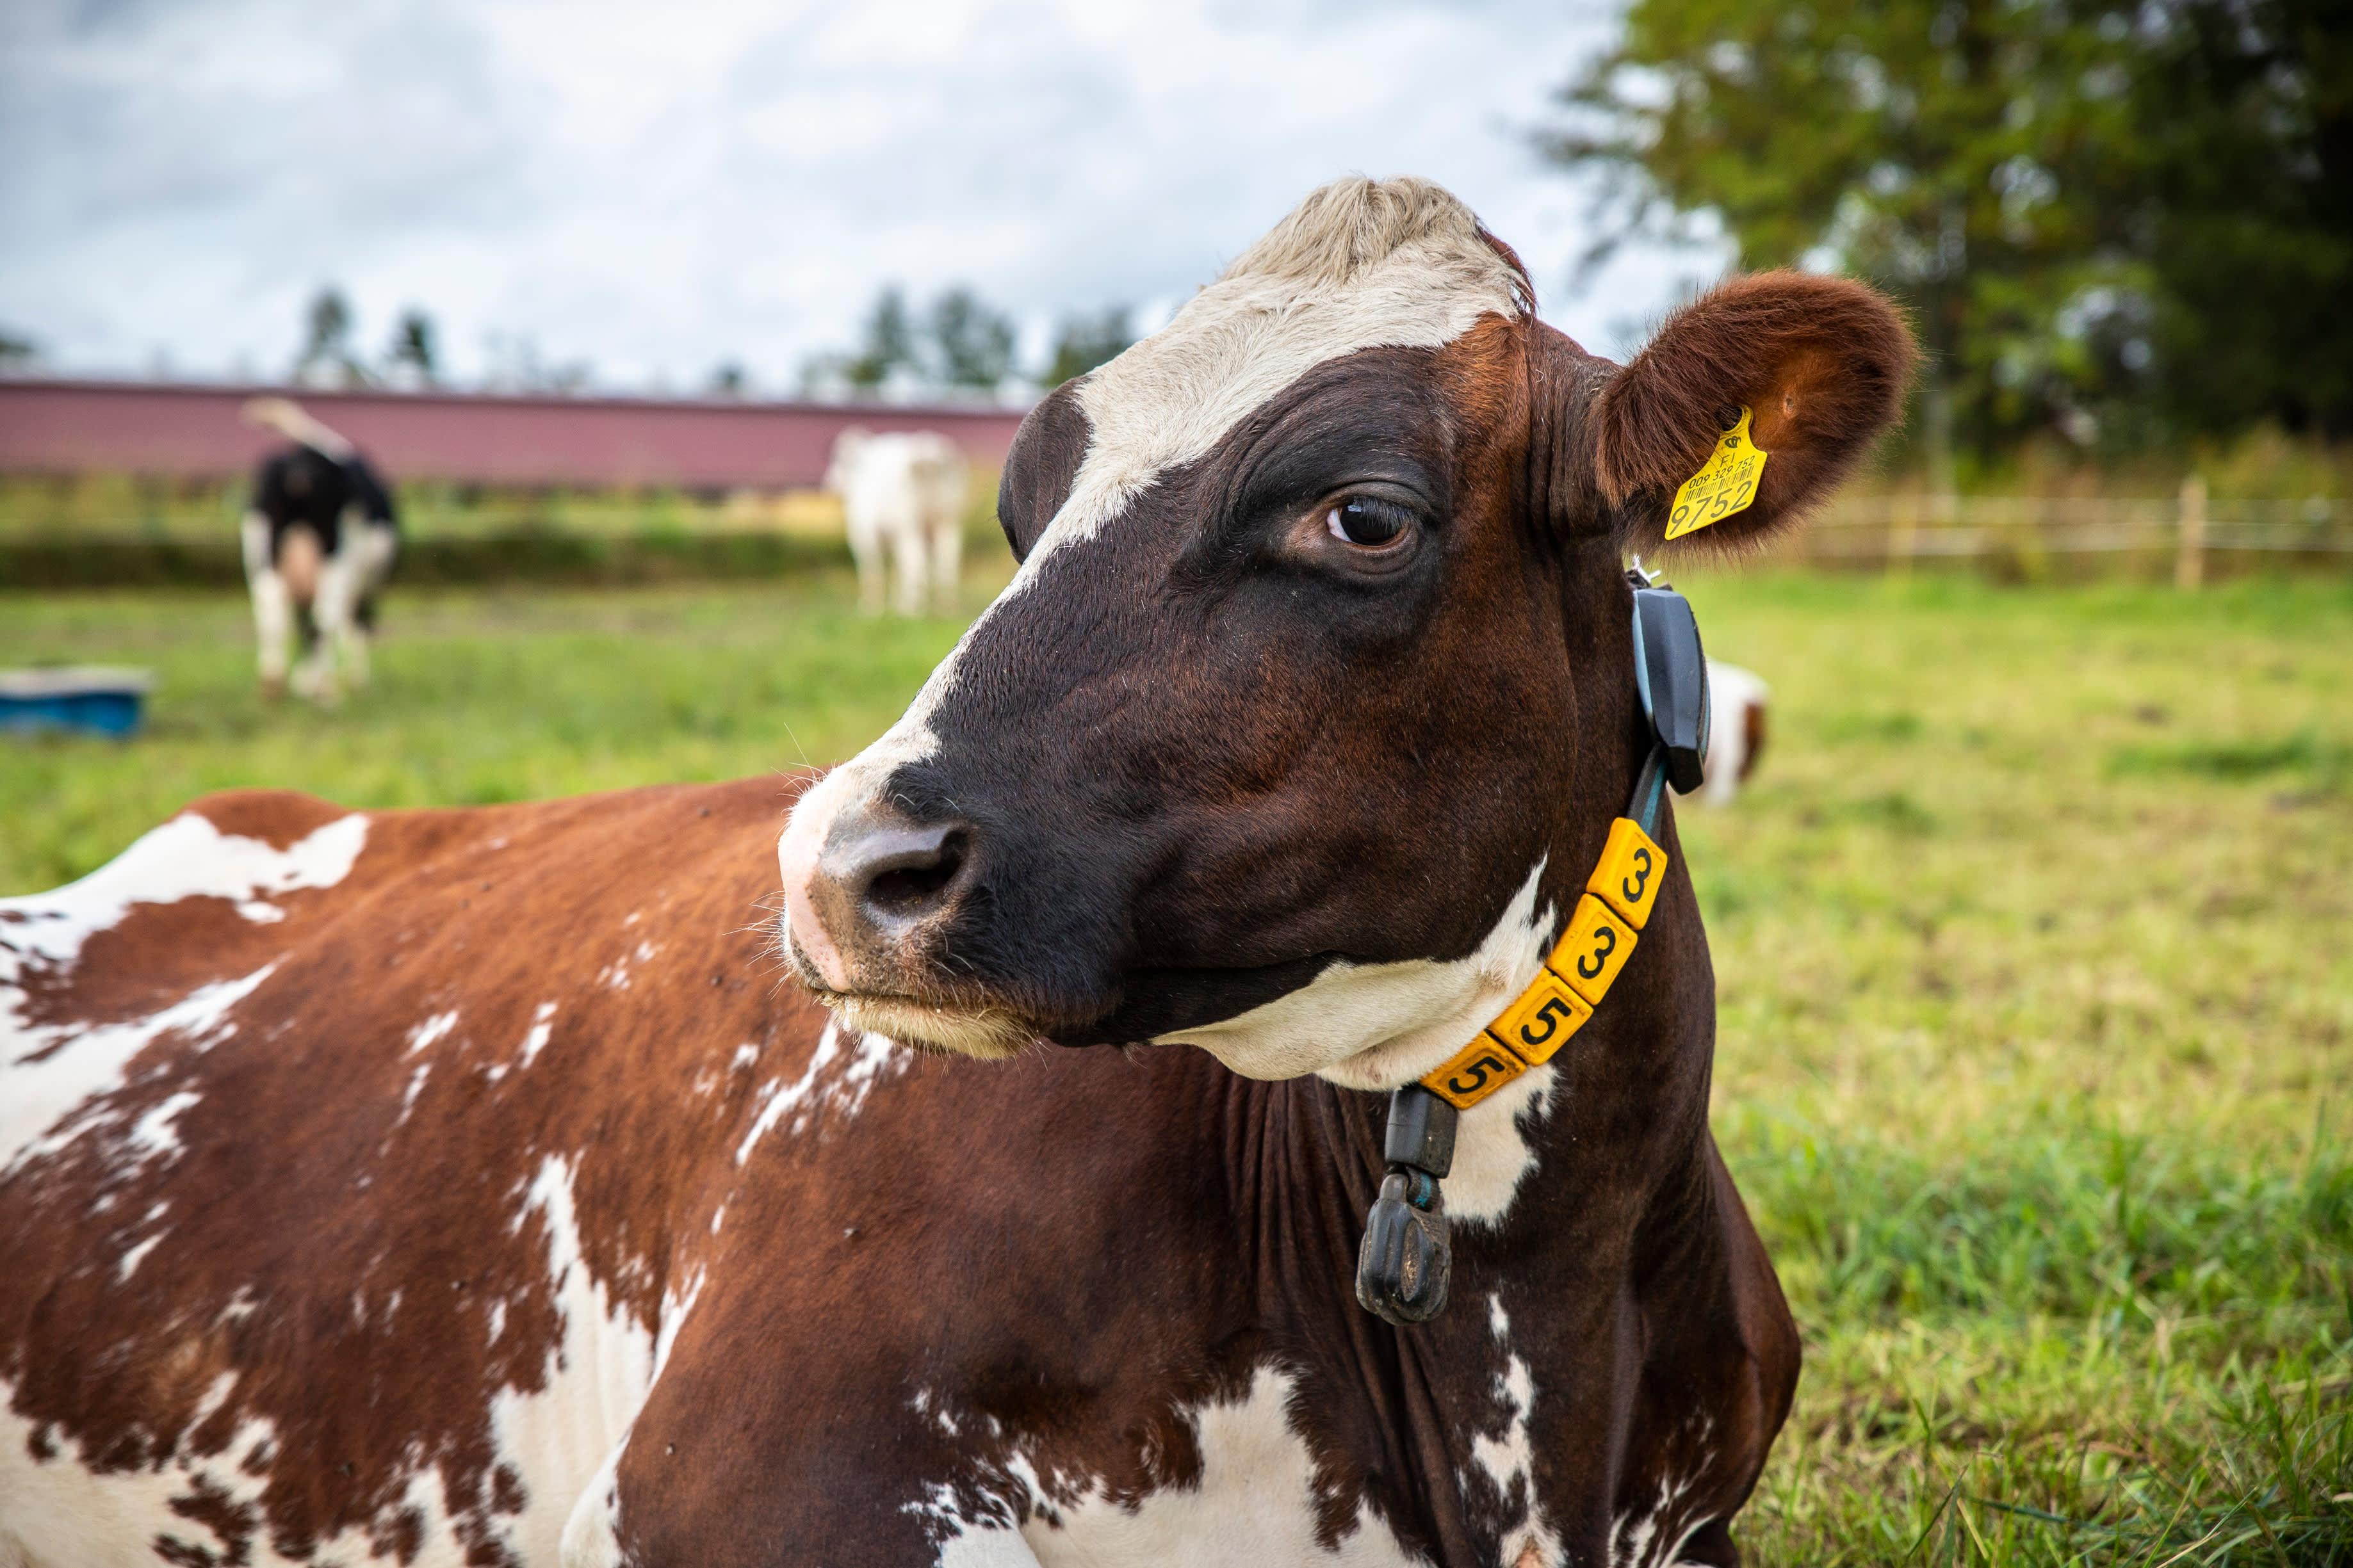 Aula lehmä makailee laitumella Luken tilalla.